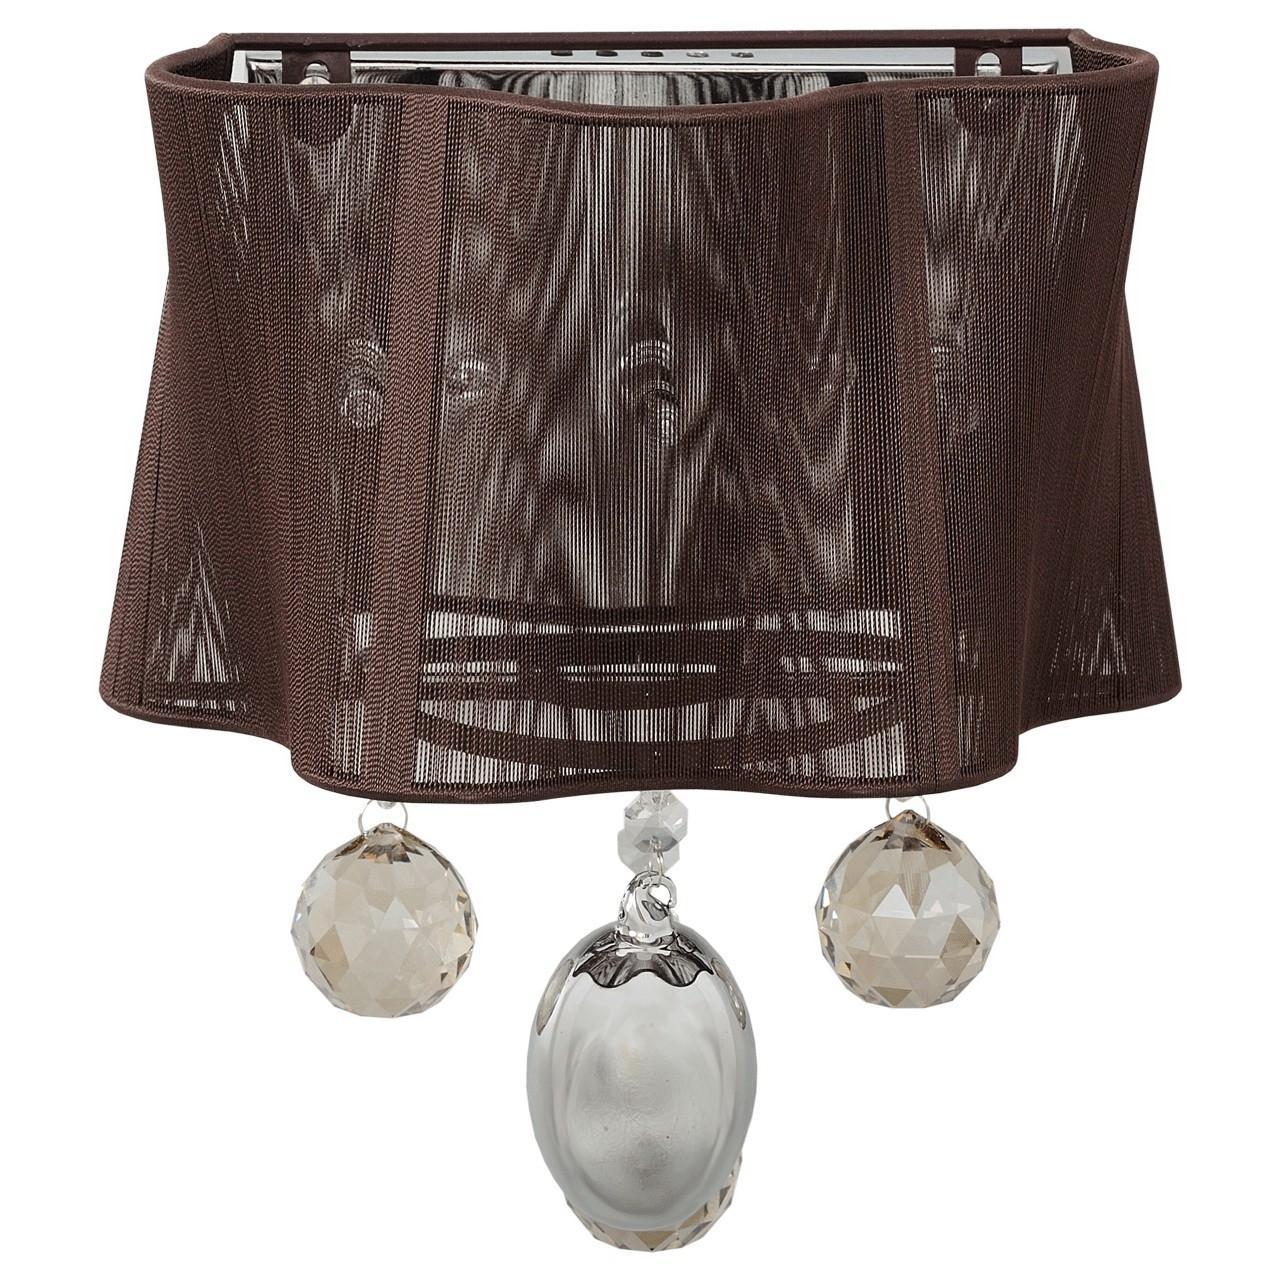 Лампы E27 светодиодные - купить оптом или в розницу по